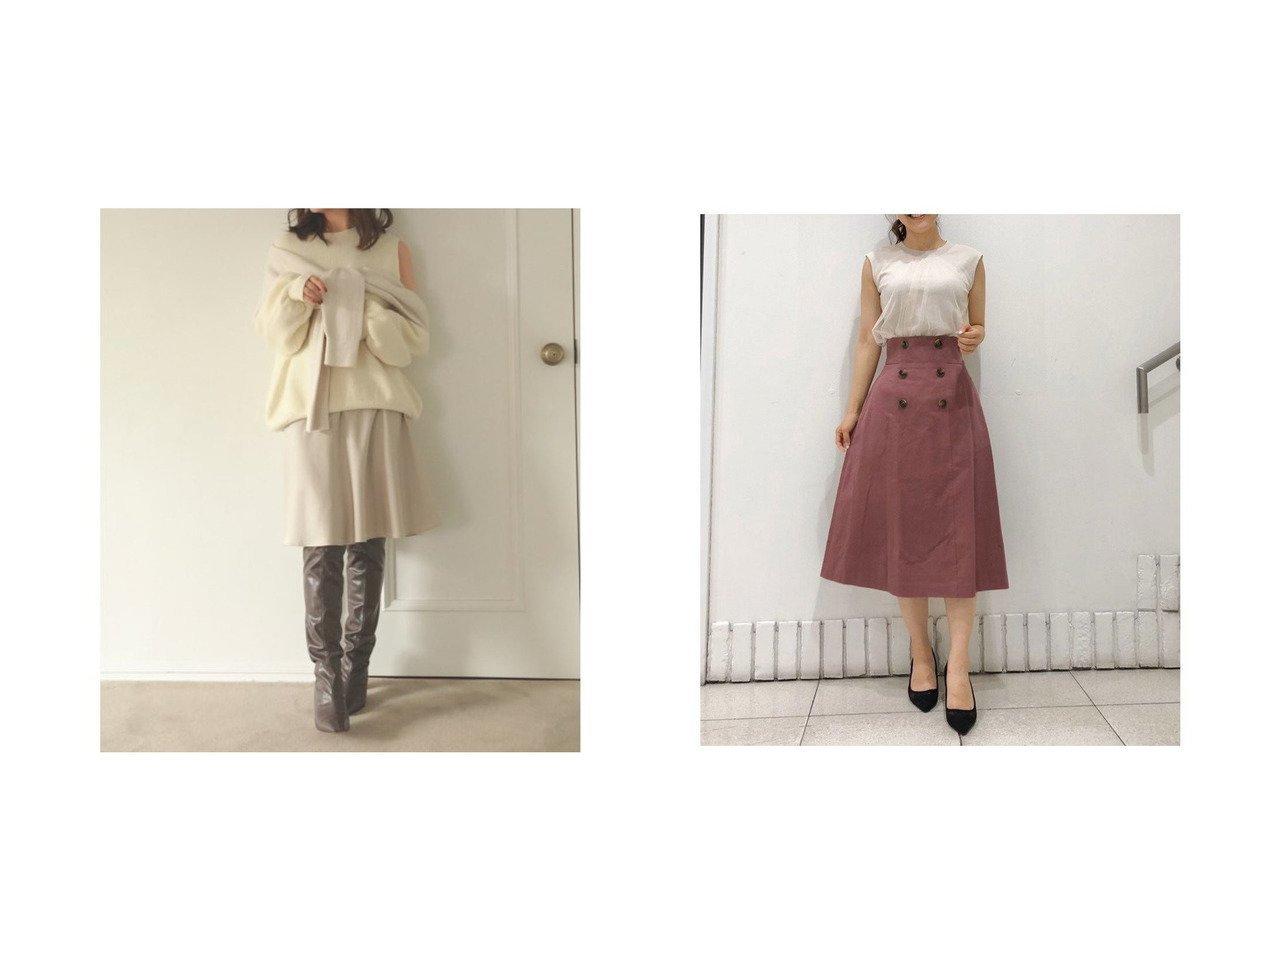 【31 Sons de mode/トランテアン ソン ドゥ モード】の【スカート】バックプリーツトレンチスカート&【SNIDEL/スナイデル】のミニスカート スカートのおすすめ!人気、レディースファッションの通販 おすすめで人気のファッション通販商品 インテリア・家具・キッズファッション・メンズファッション・レディースファッション・服の通販 founy(ファニー) https://founy.com/ ファッション Fashion レディース WOMEN スカート Skirt ミニスカート Mini Skirts 今季 サテン シンプル トレンド バイアス フレア ミニスカート ロング 冬 Winter |ID:crp329100000001505